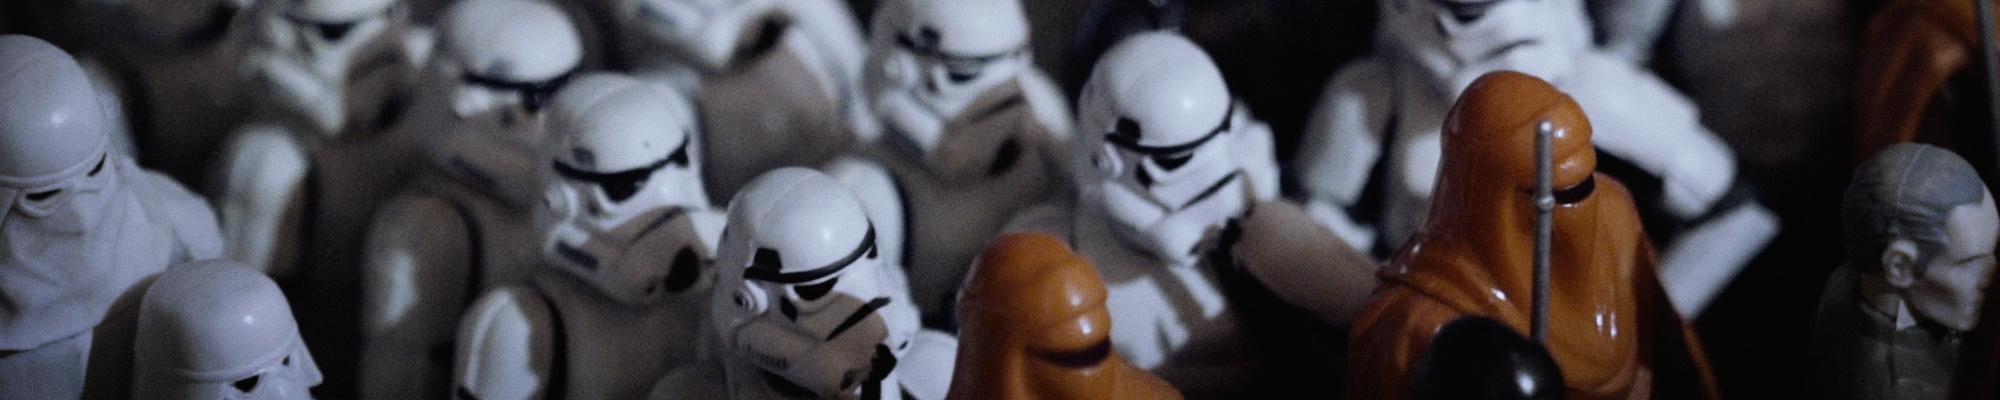 《华丽一族:帝国雄心》预告,6月1日正片上线